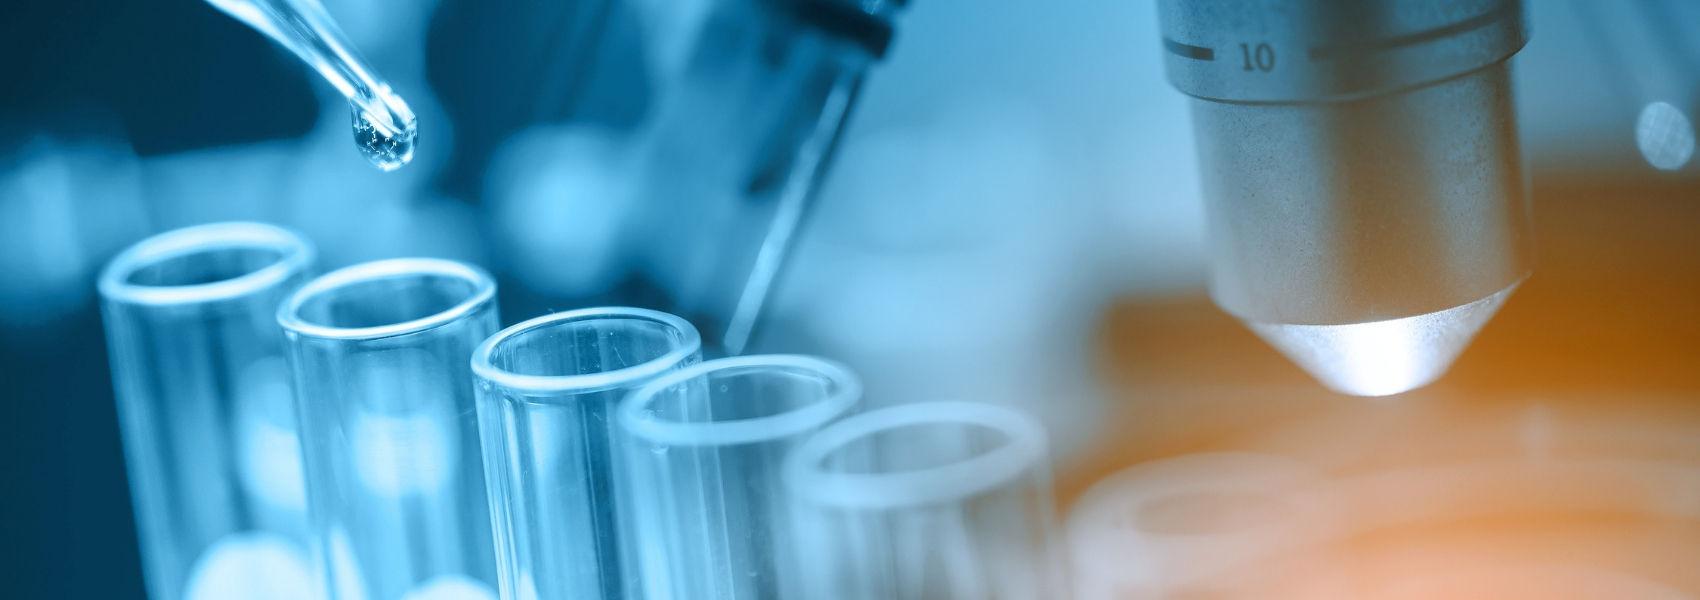 Biotecnologia é a 5.ª área tecnológica com mais patentes em Portugal